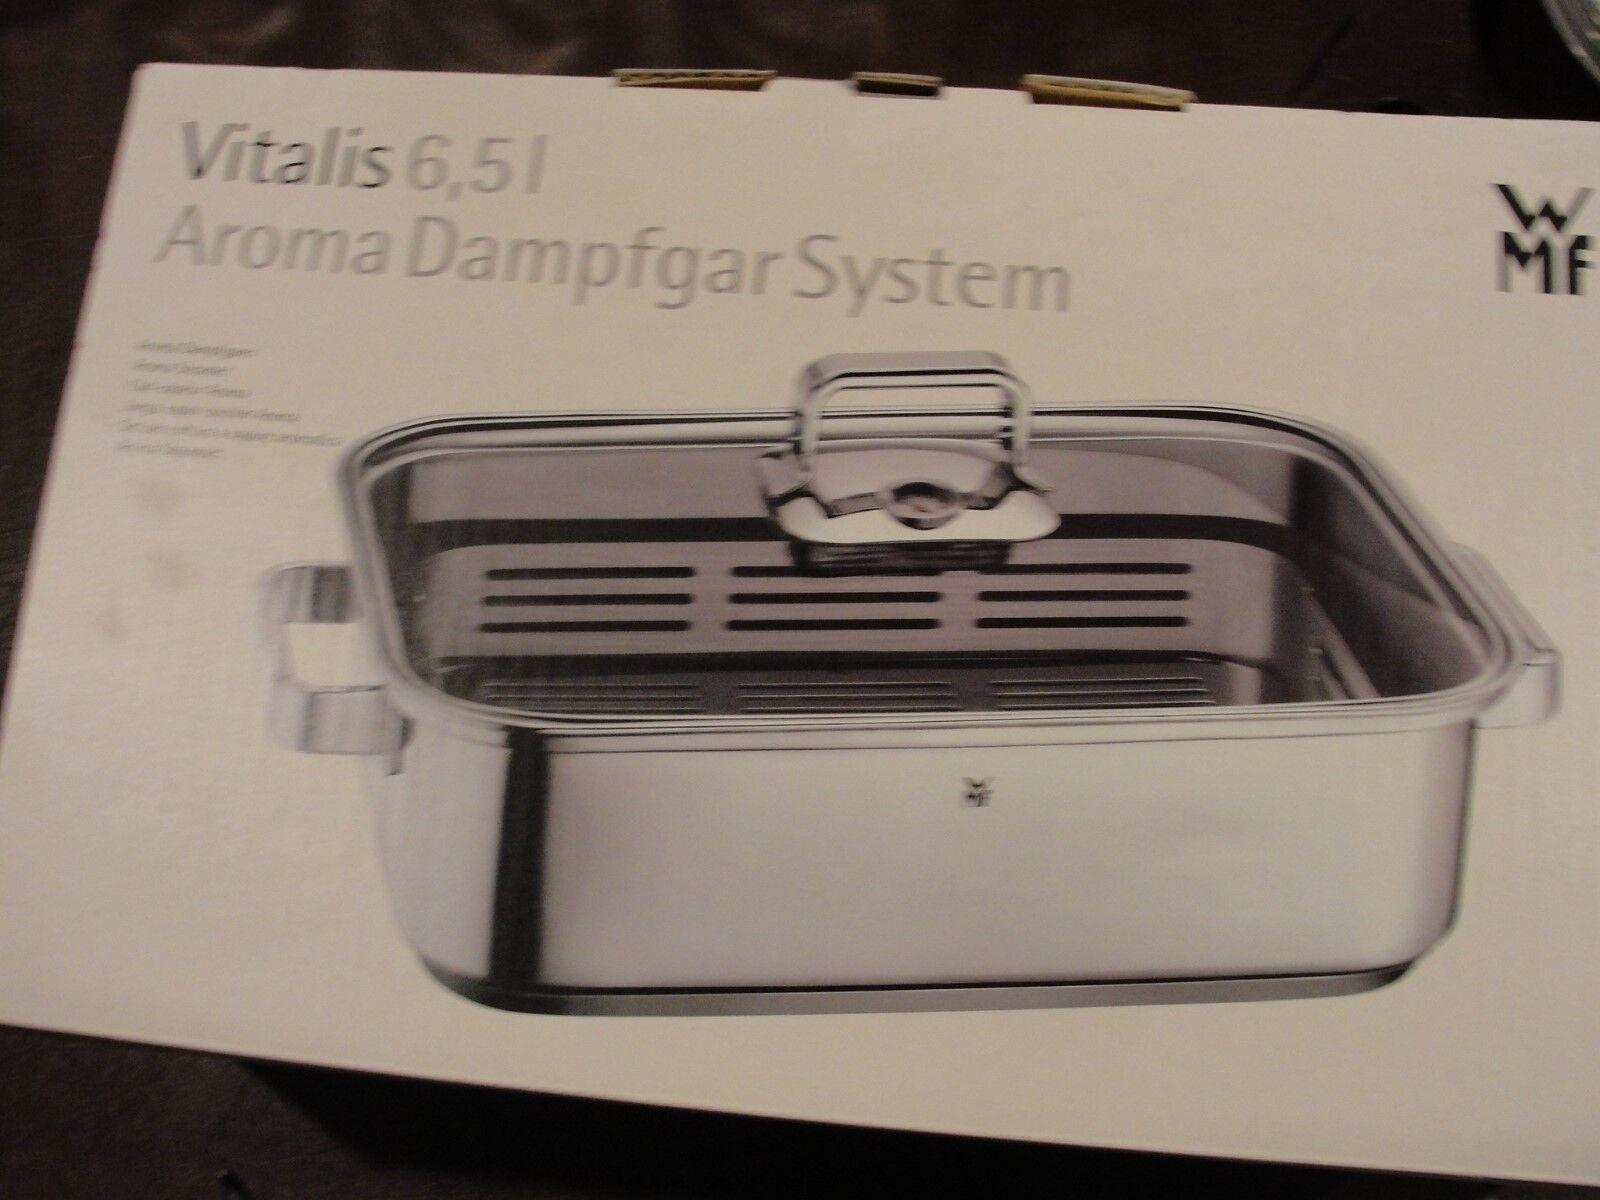 Vitalis Aroma Steamer, couvercle en verre avec silicone RIM, thermomètre NEUF